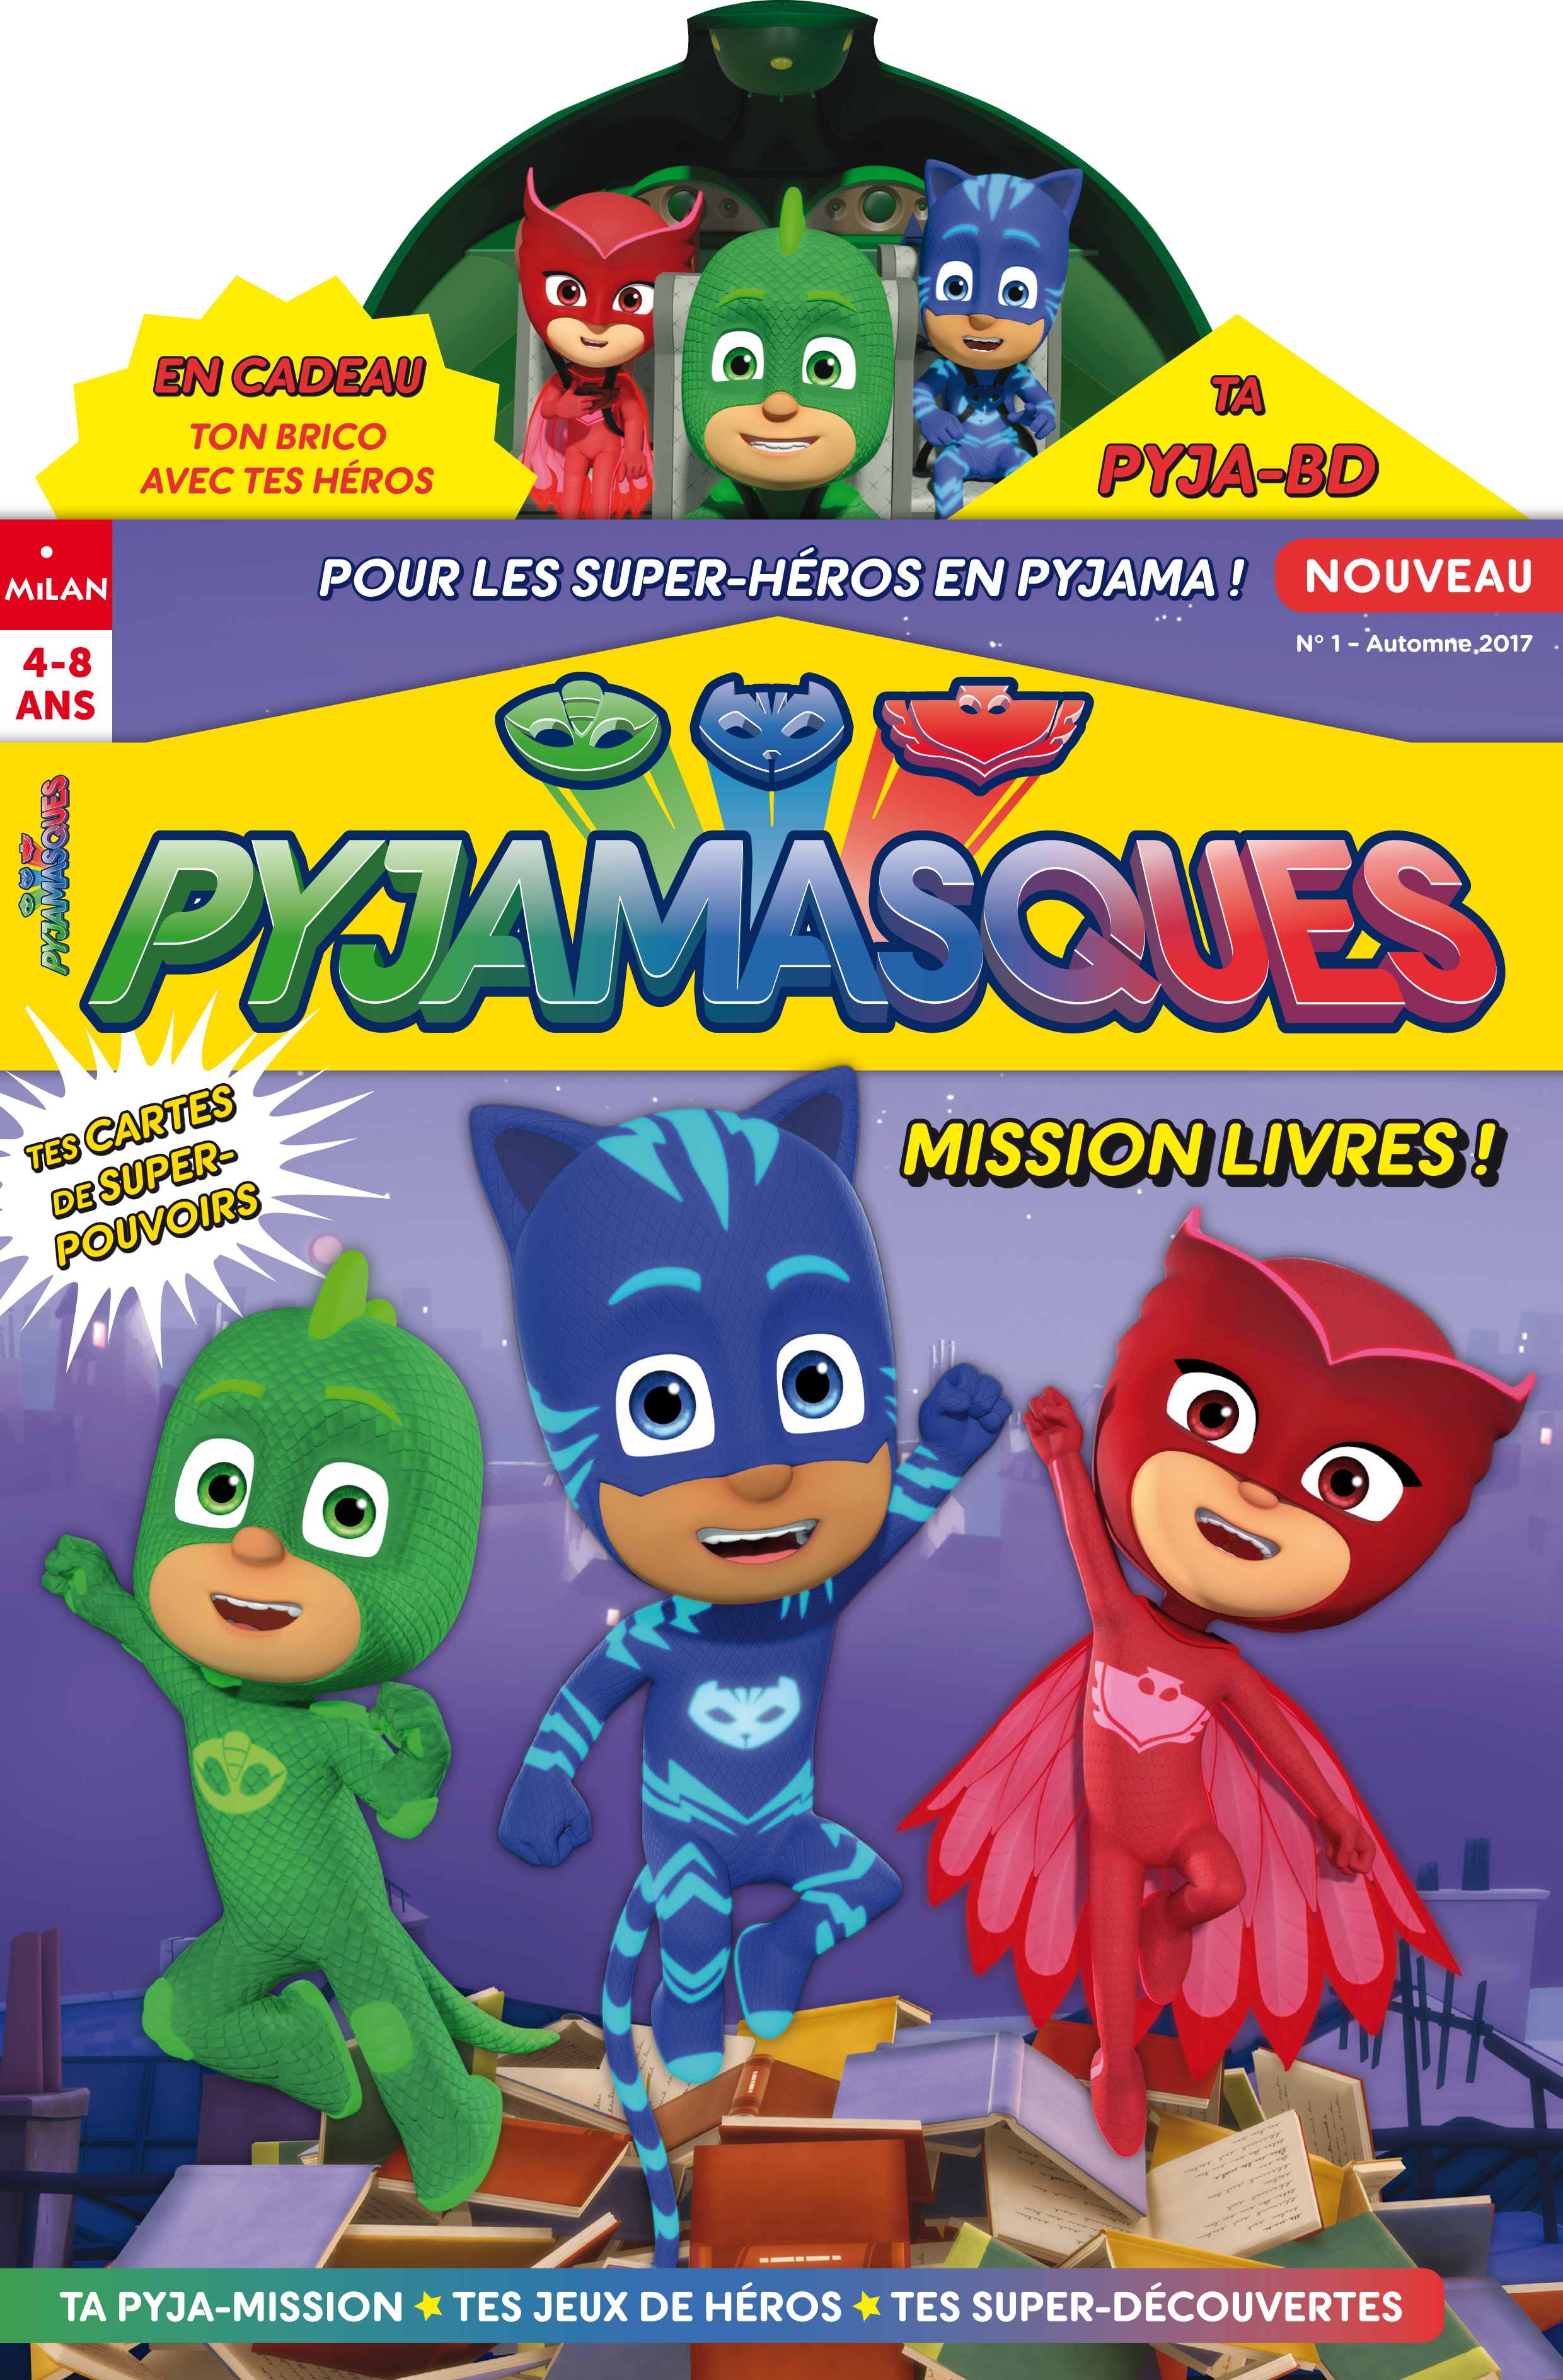 Pyjamasques N° 1 (Automne 2017)